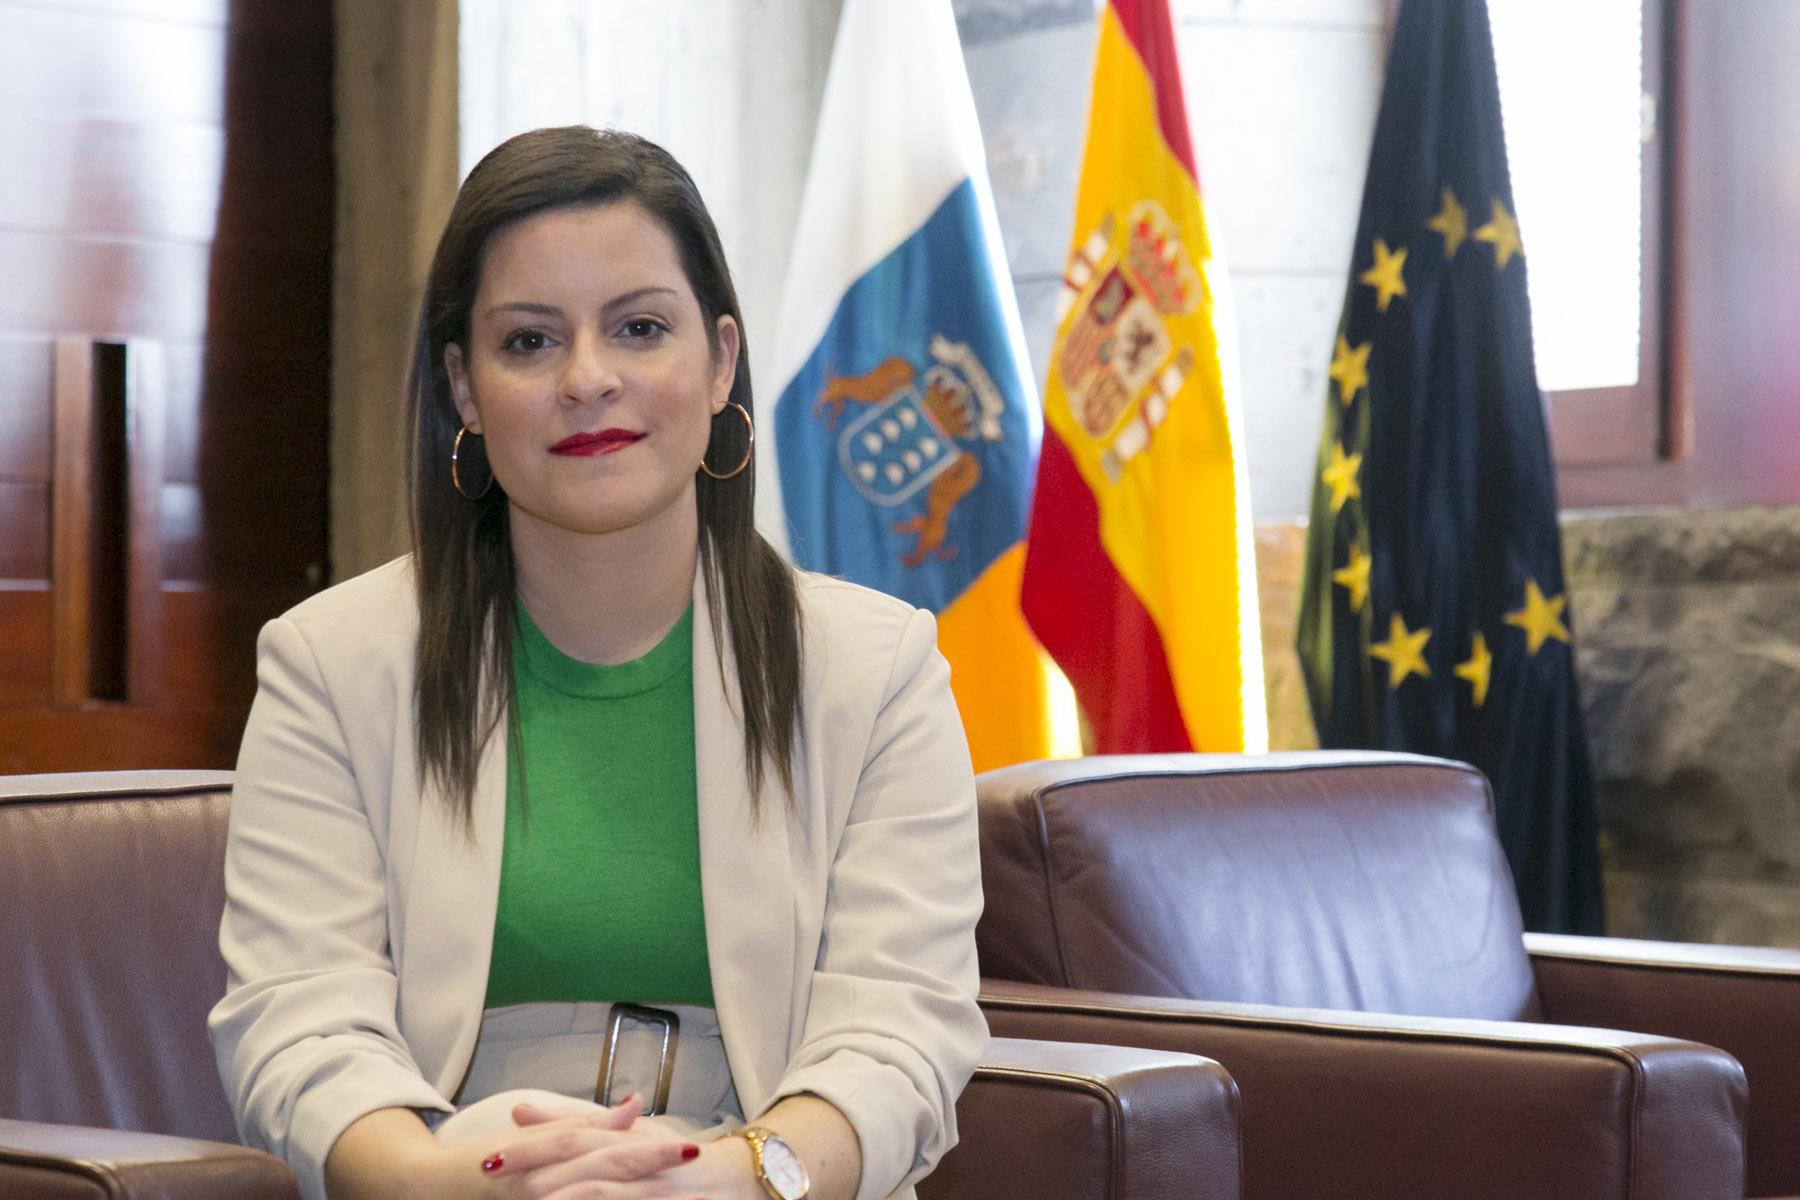 Turismo de Canarias convenia con la ULPGC la creación de un centro de investigación gastronómica